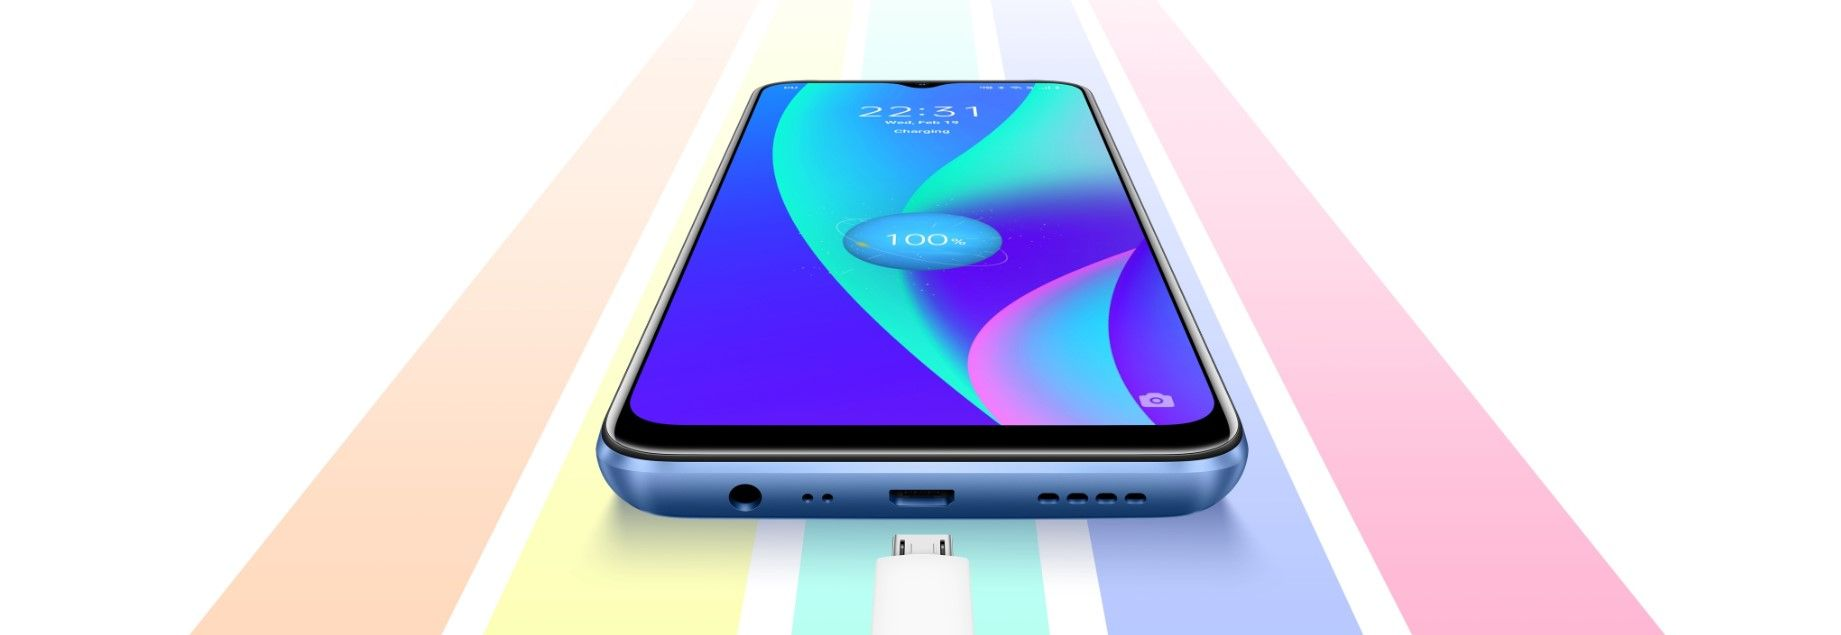 Смартфон Realme C15 быстрая зарядка 18 Вт